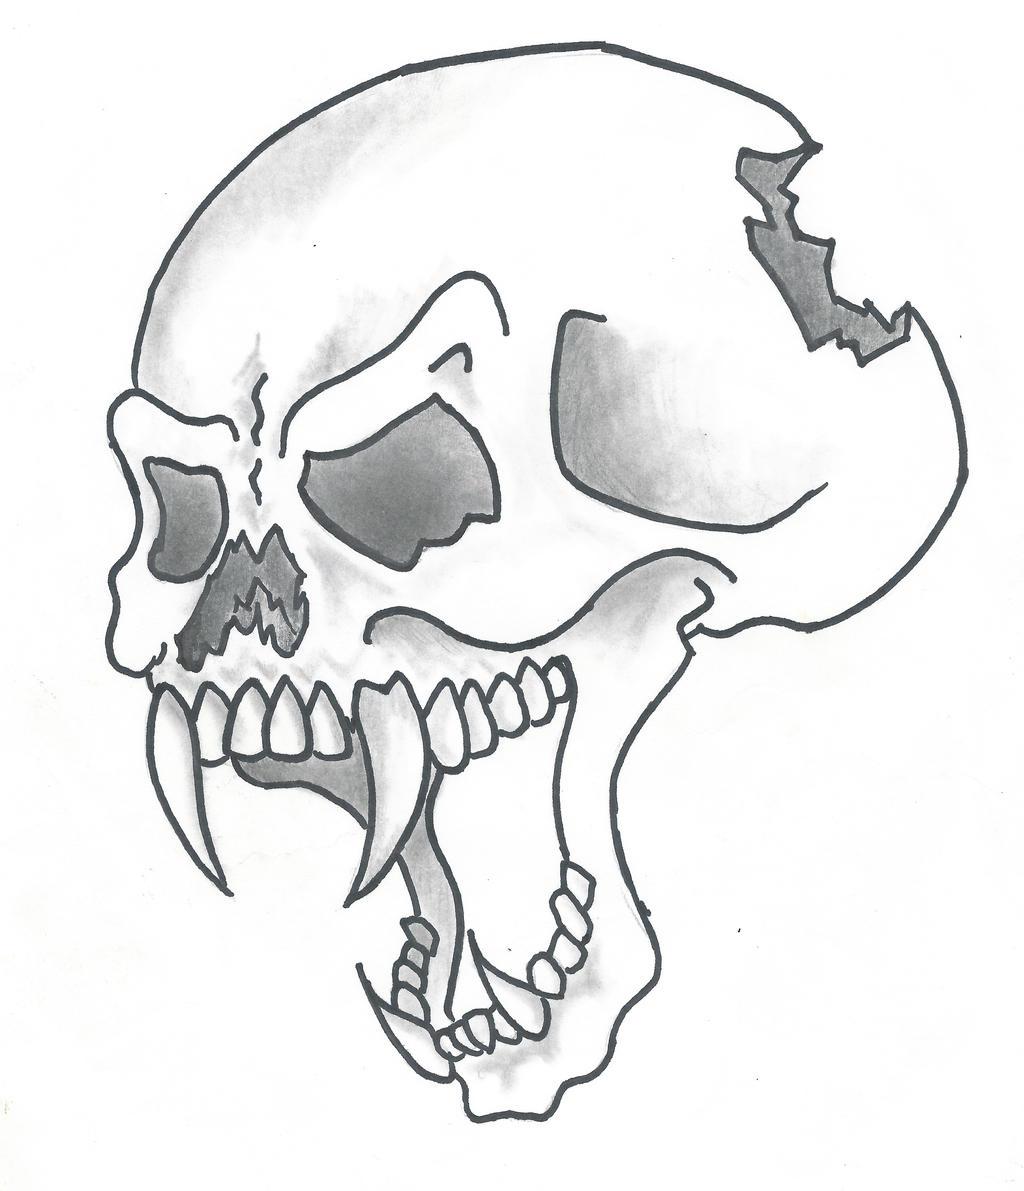 Cartoon Style Skull